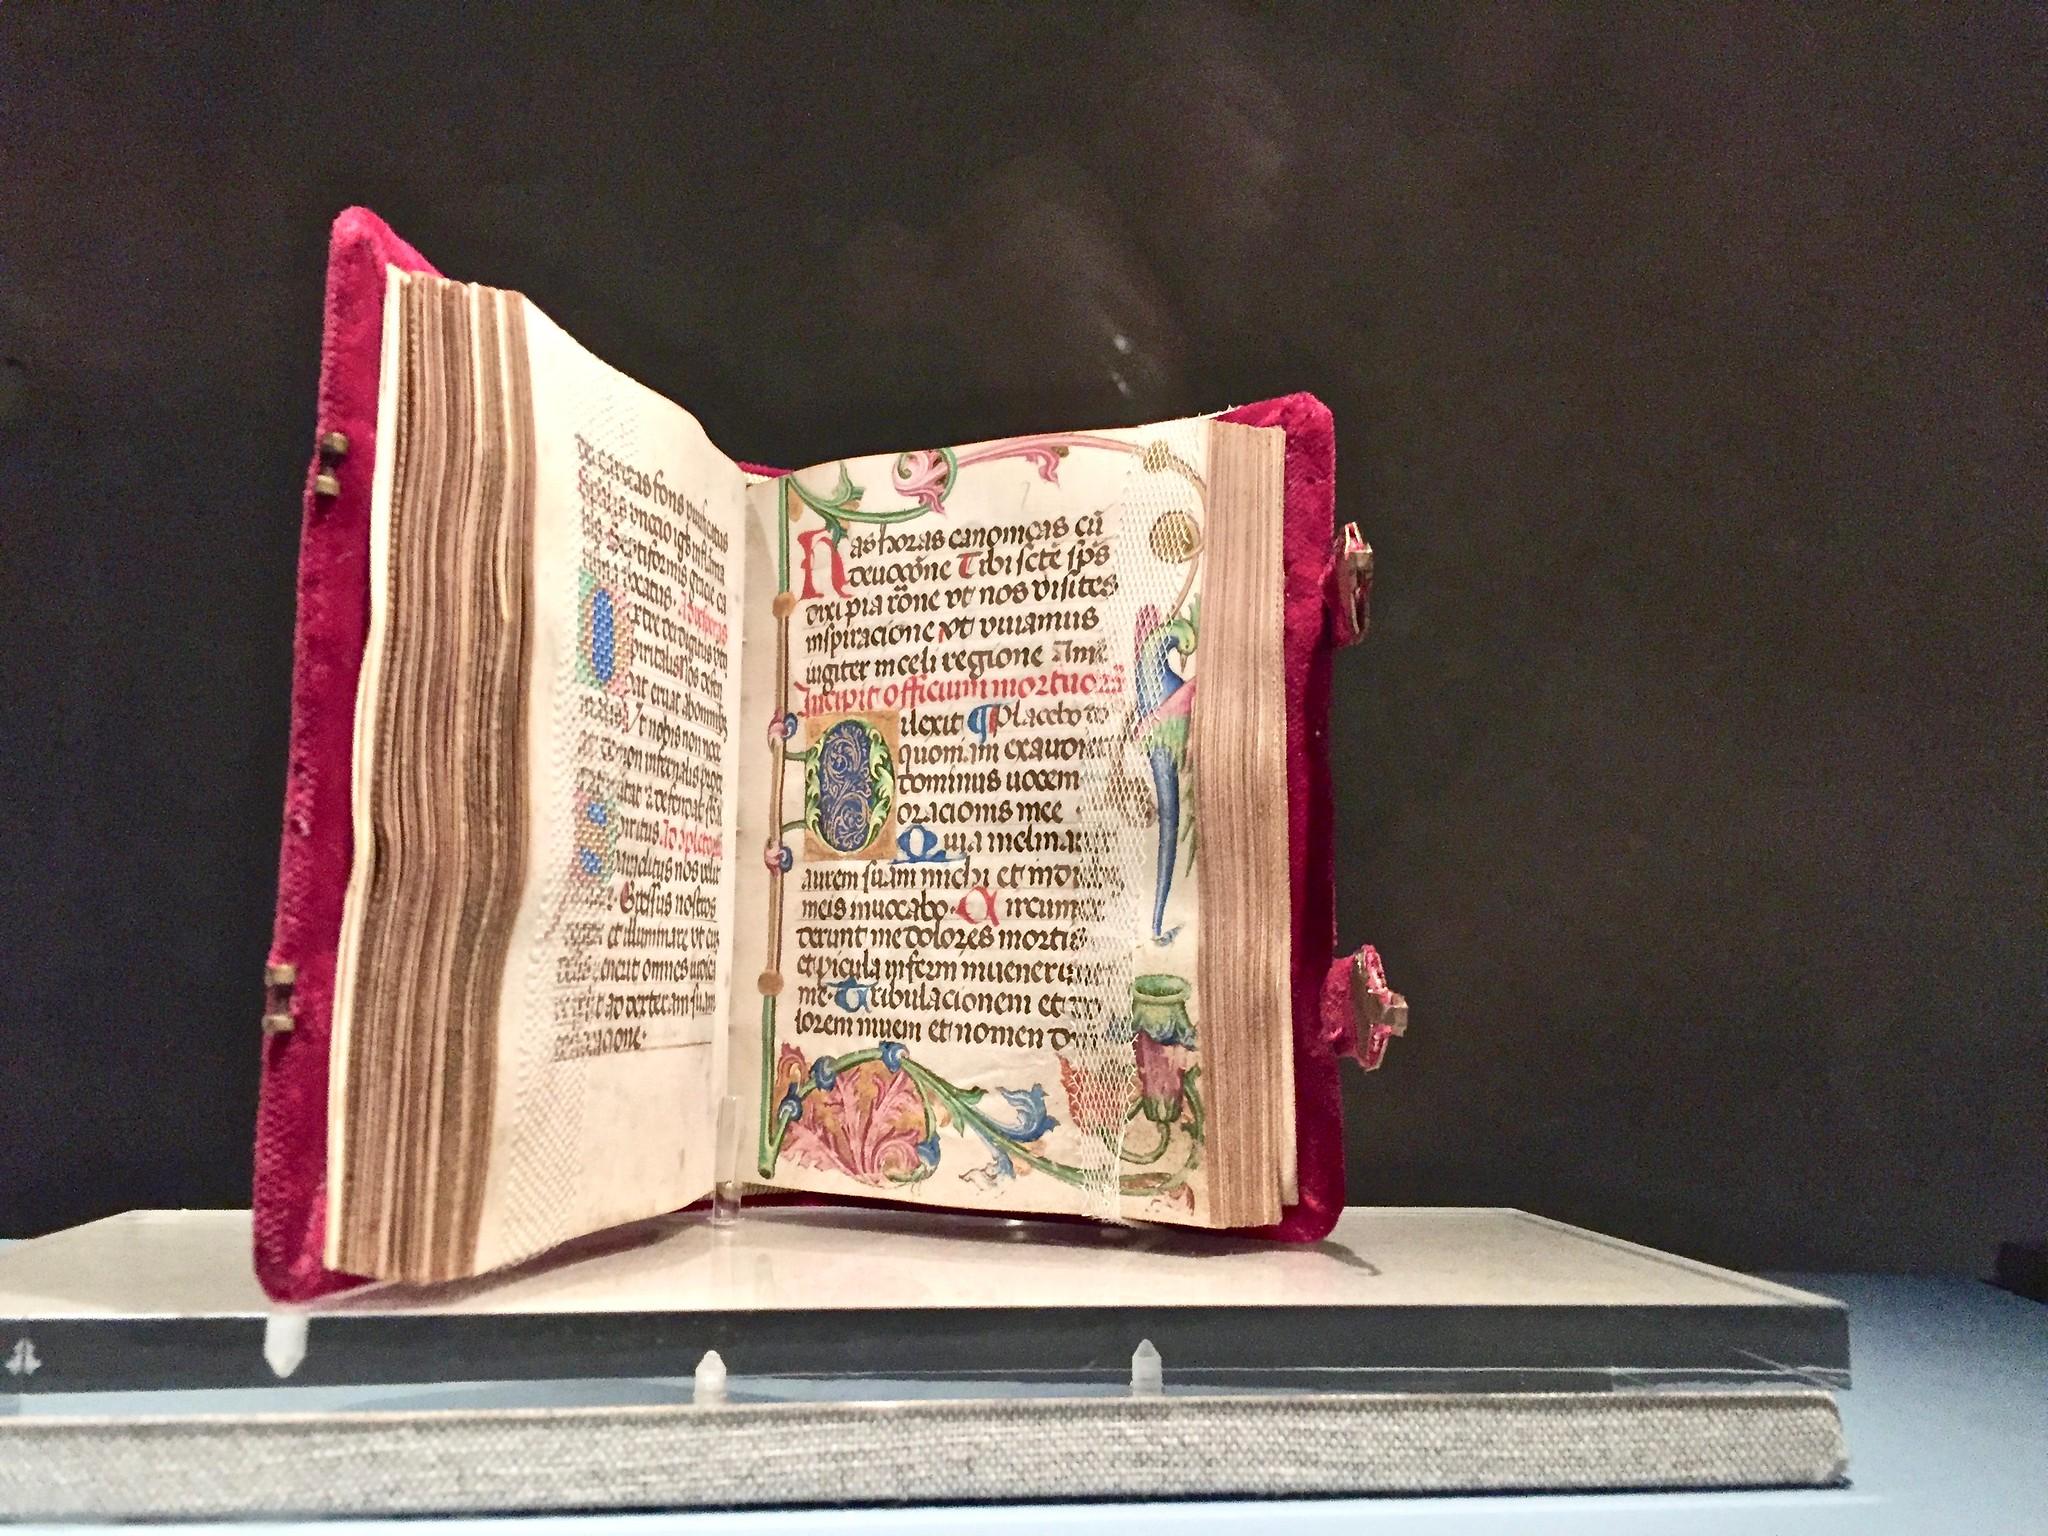 Itinerario di Trento - Libro miniato al Museo Diocesano Tridentino